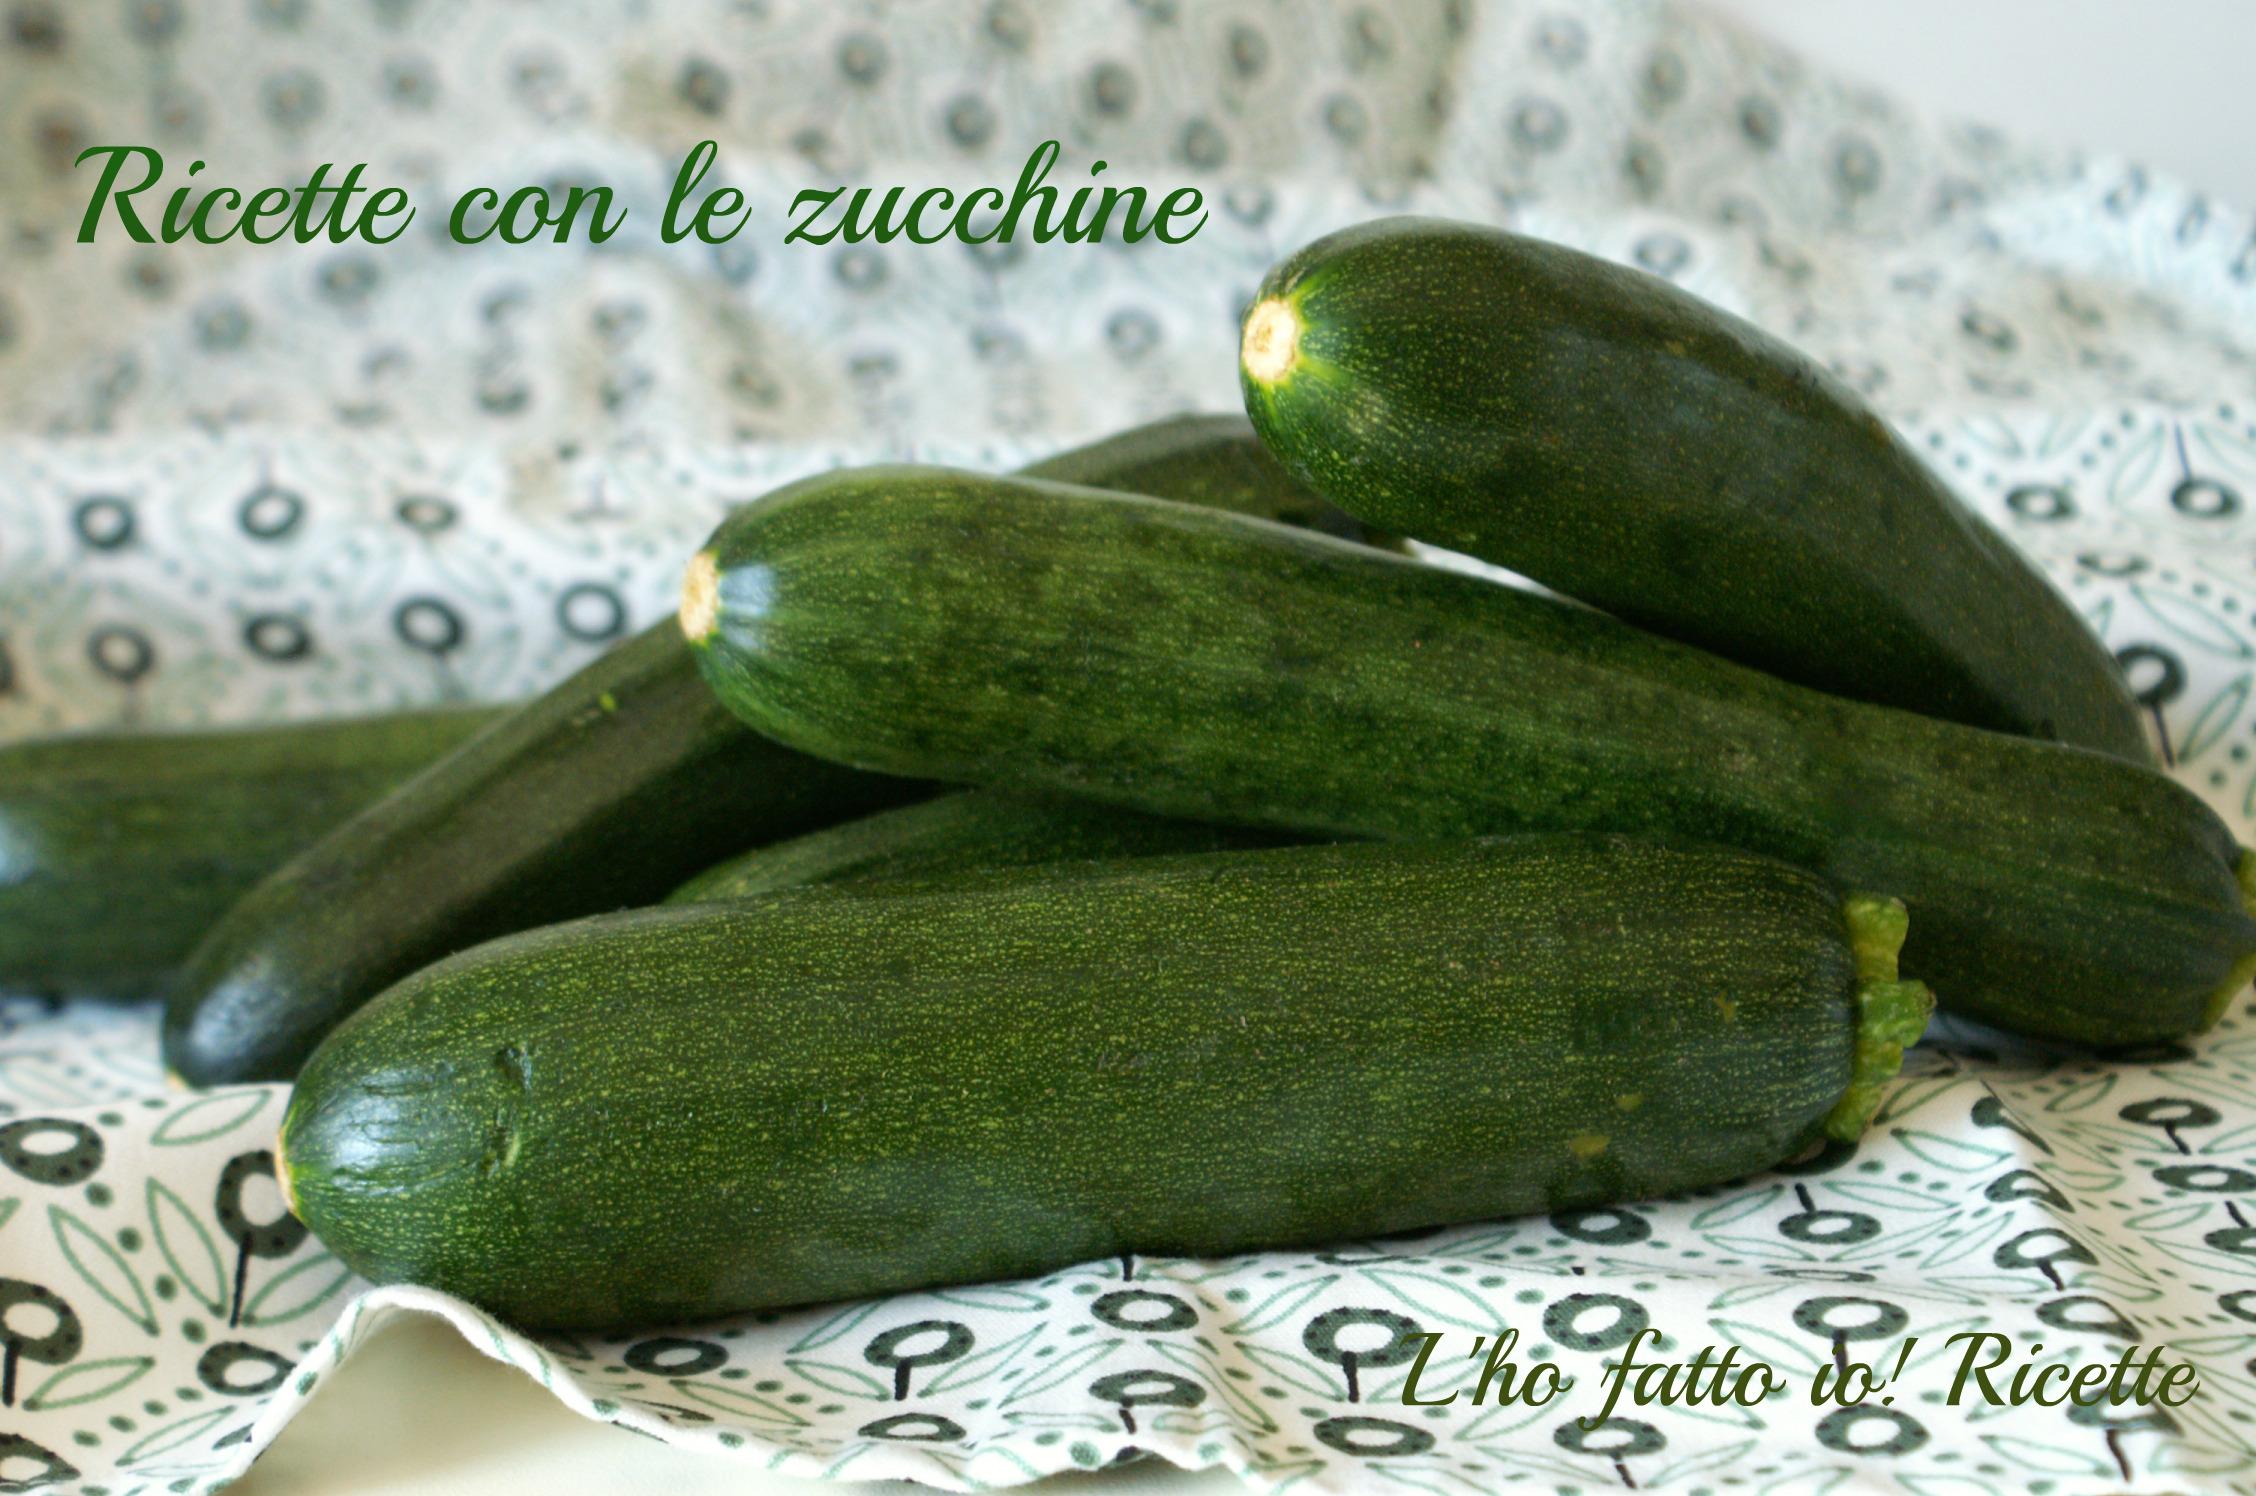 Ricette per cucinare le zucchine